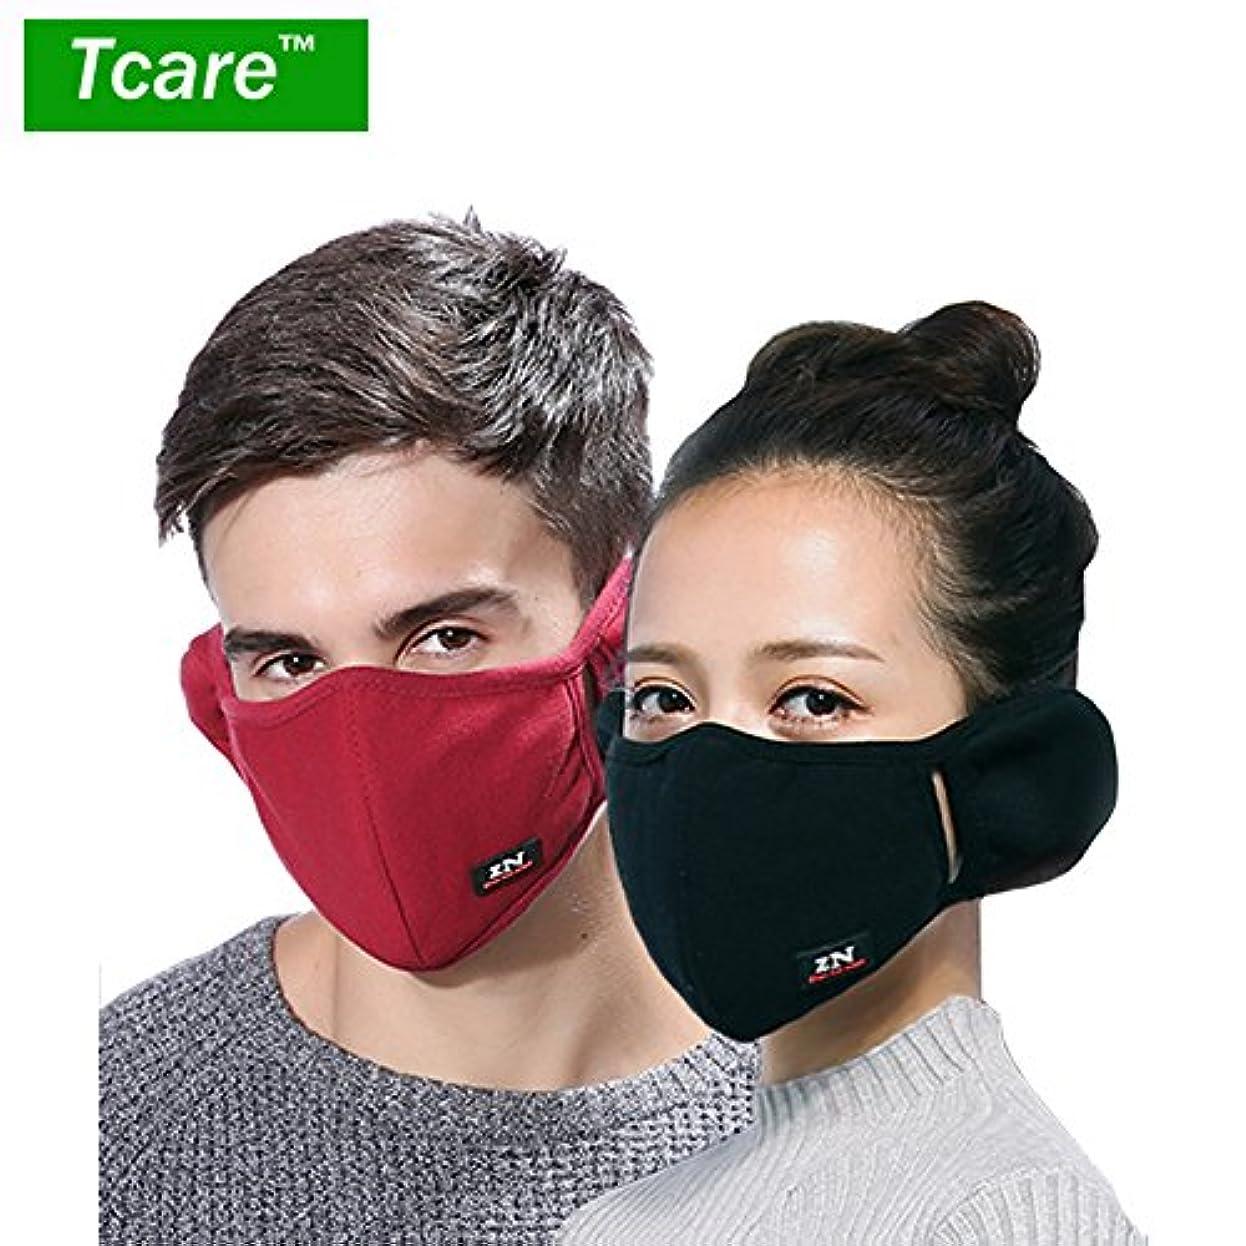 幻影励起に向かって男性女性の少年少女のためのTcare呼吸器2レイヤピュアコットン保護フィルター挿入口:3ライト